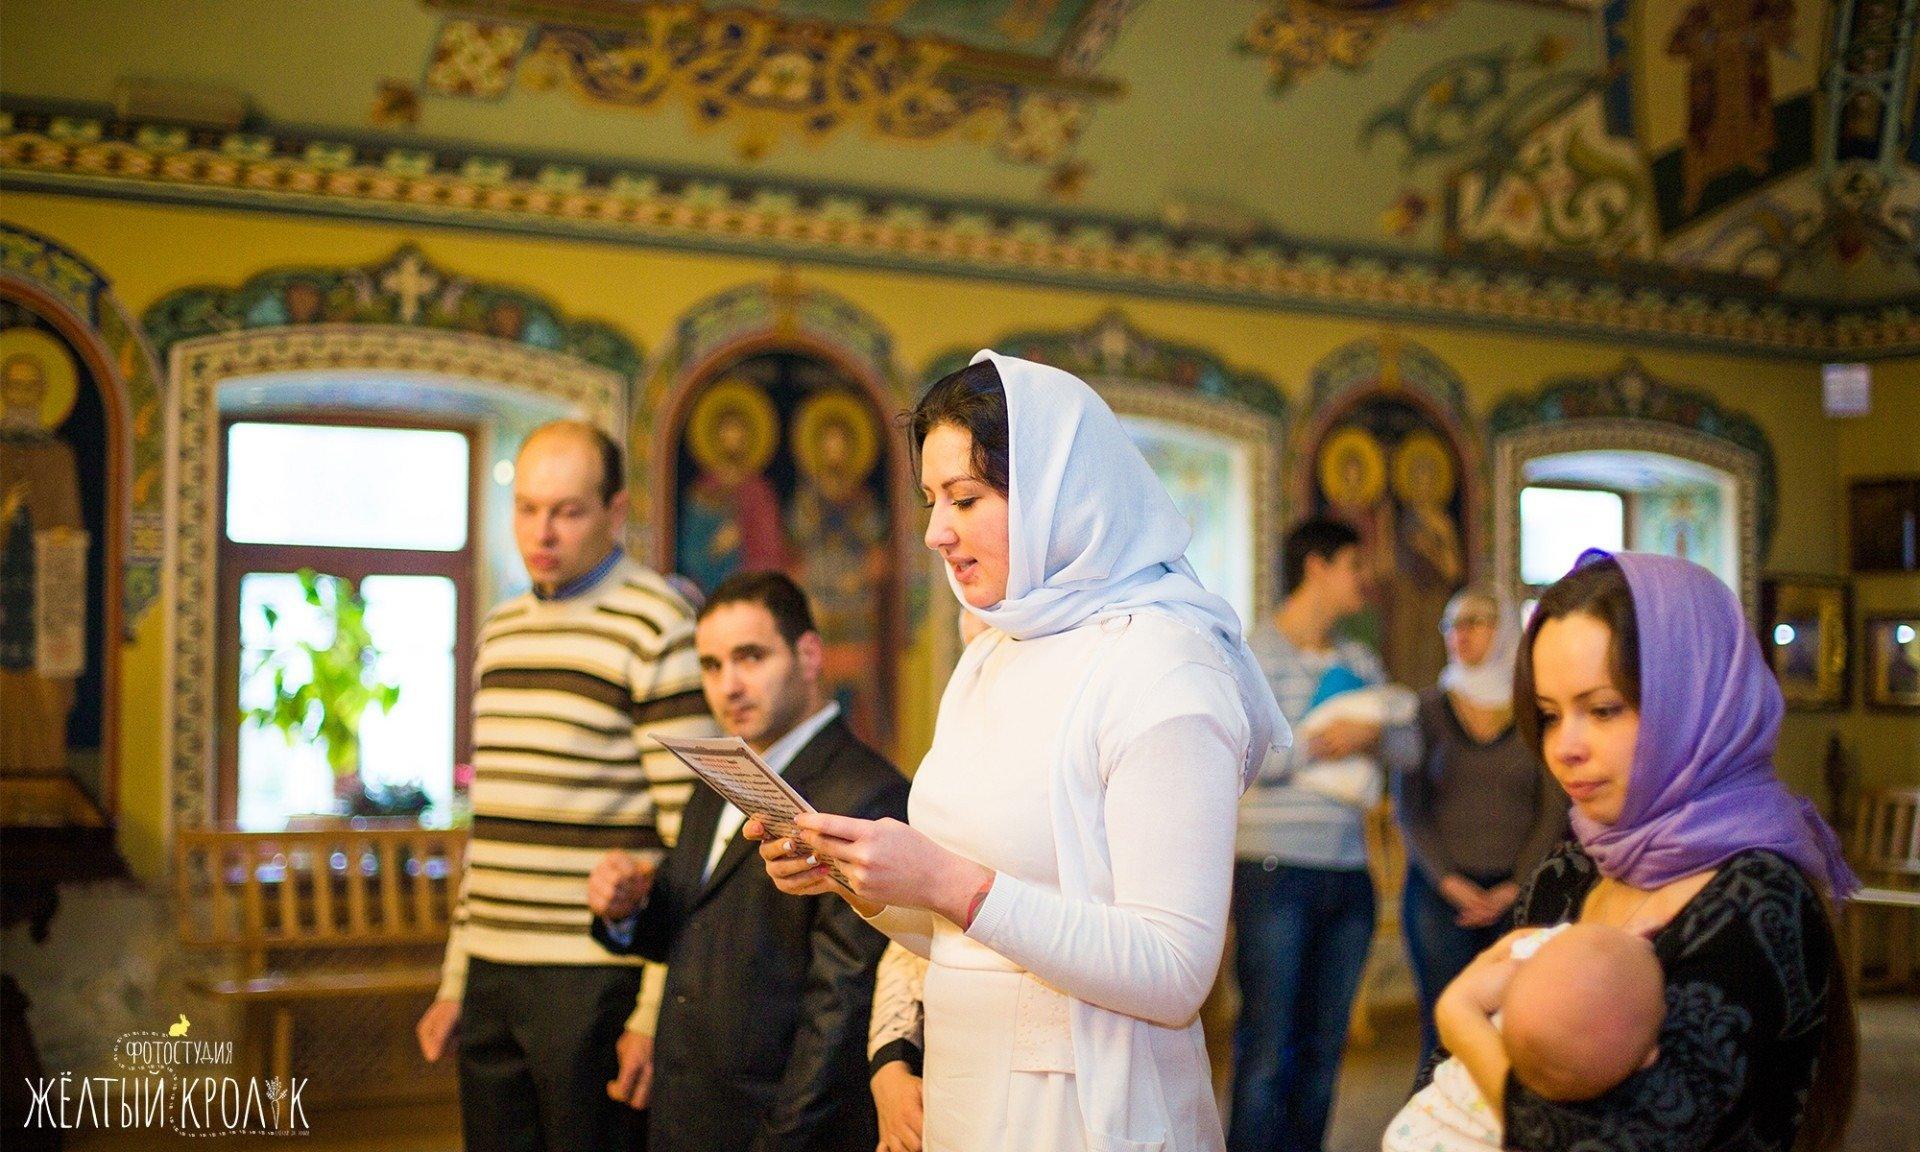 крестные родители в церкви фото - фотосъемка крестин в фотостудии желтый кролик